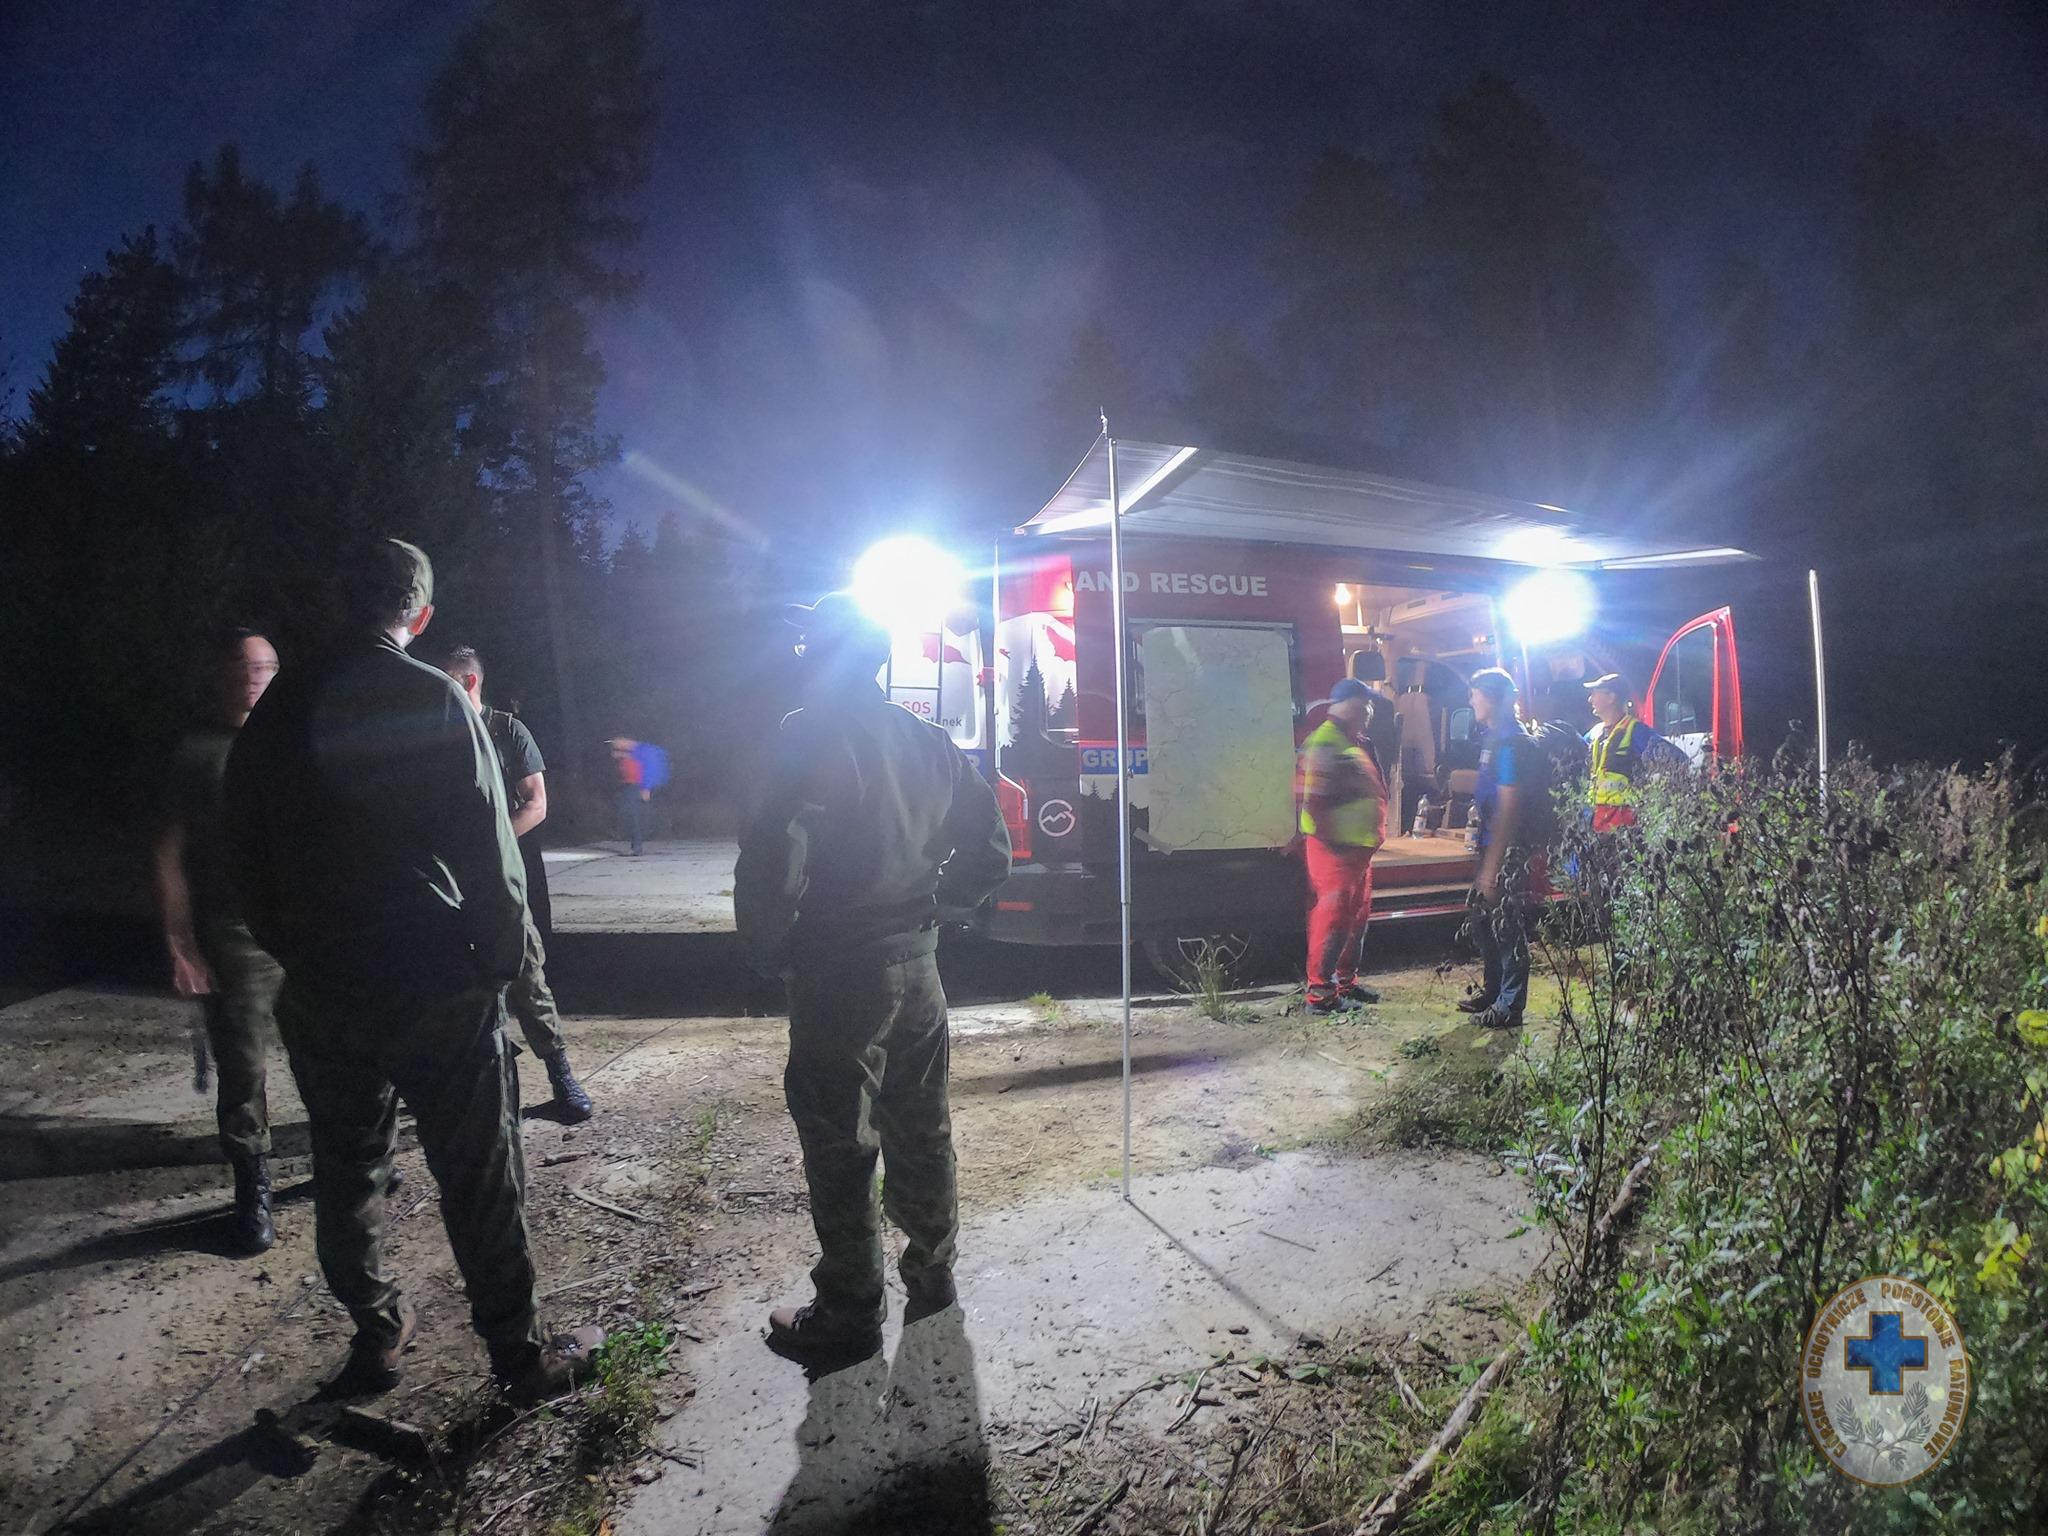 Nad Jeziorem Solińskim rozbiła się awionetka. 6 osób poszkodowanych [ZDJĘCIA] - Zdjęcie główne